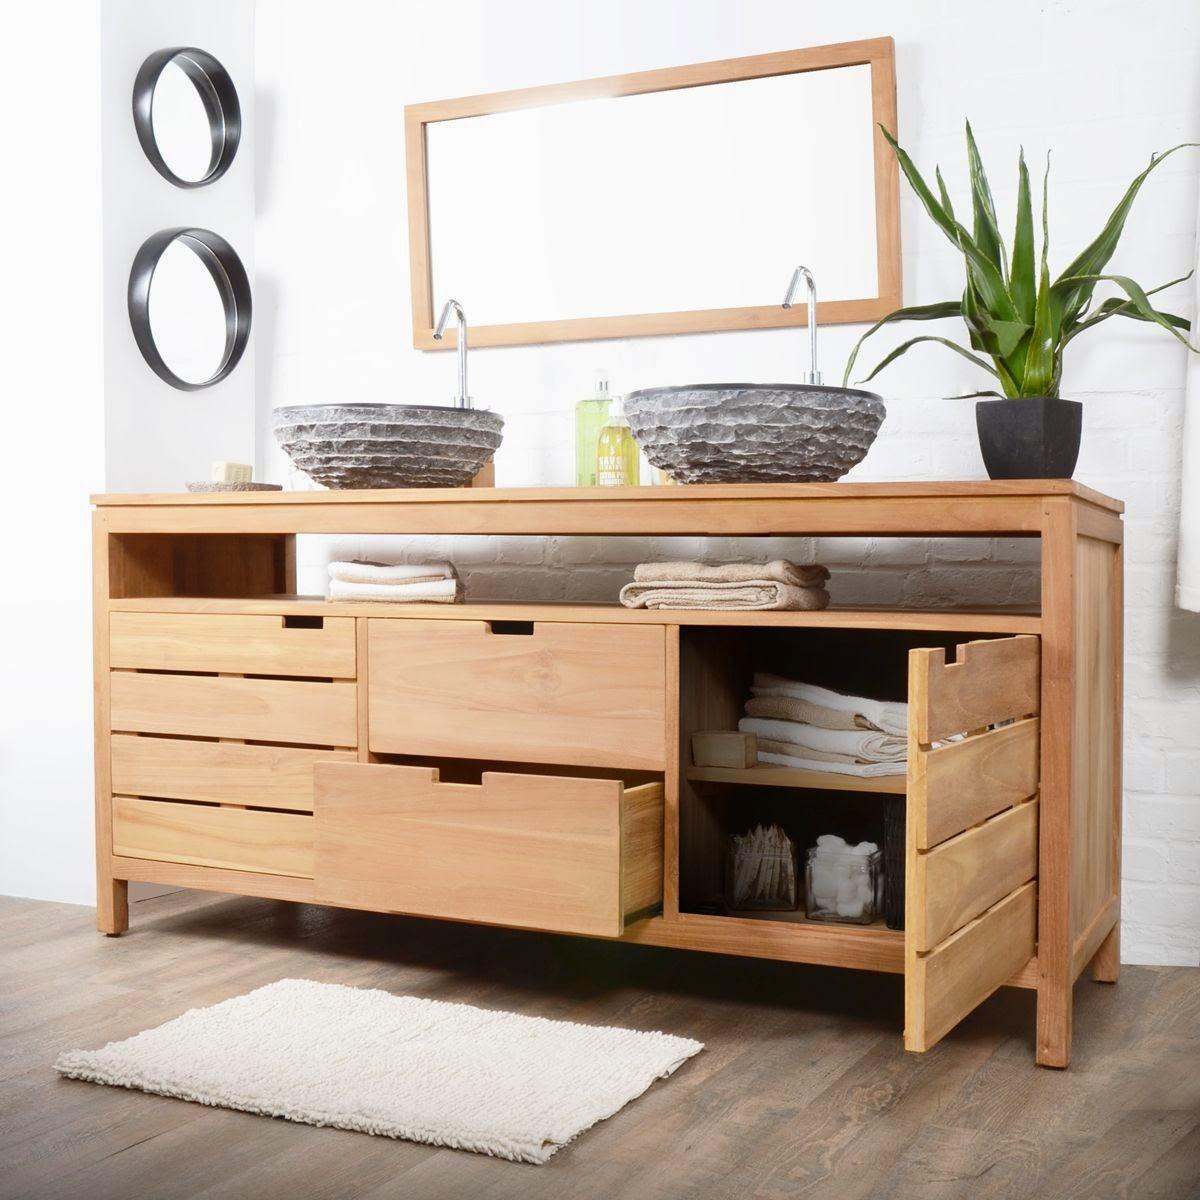 Salle de bain meuble en bois